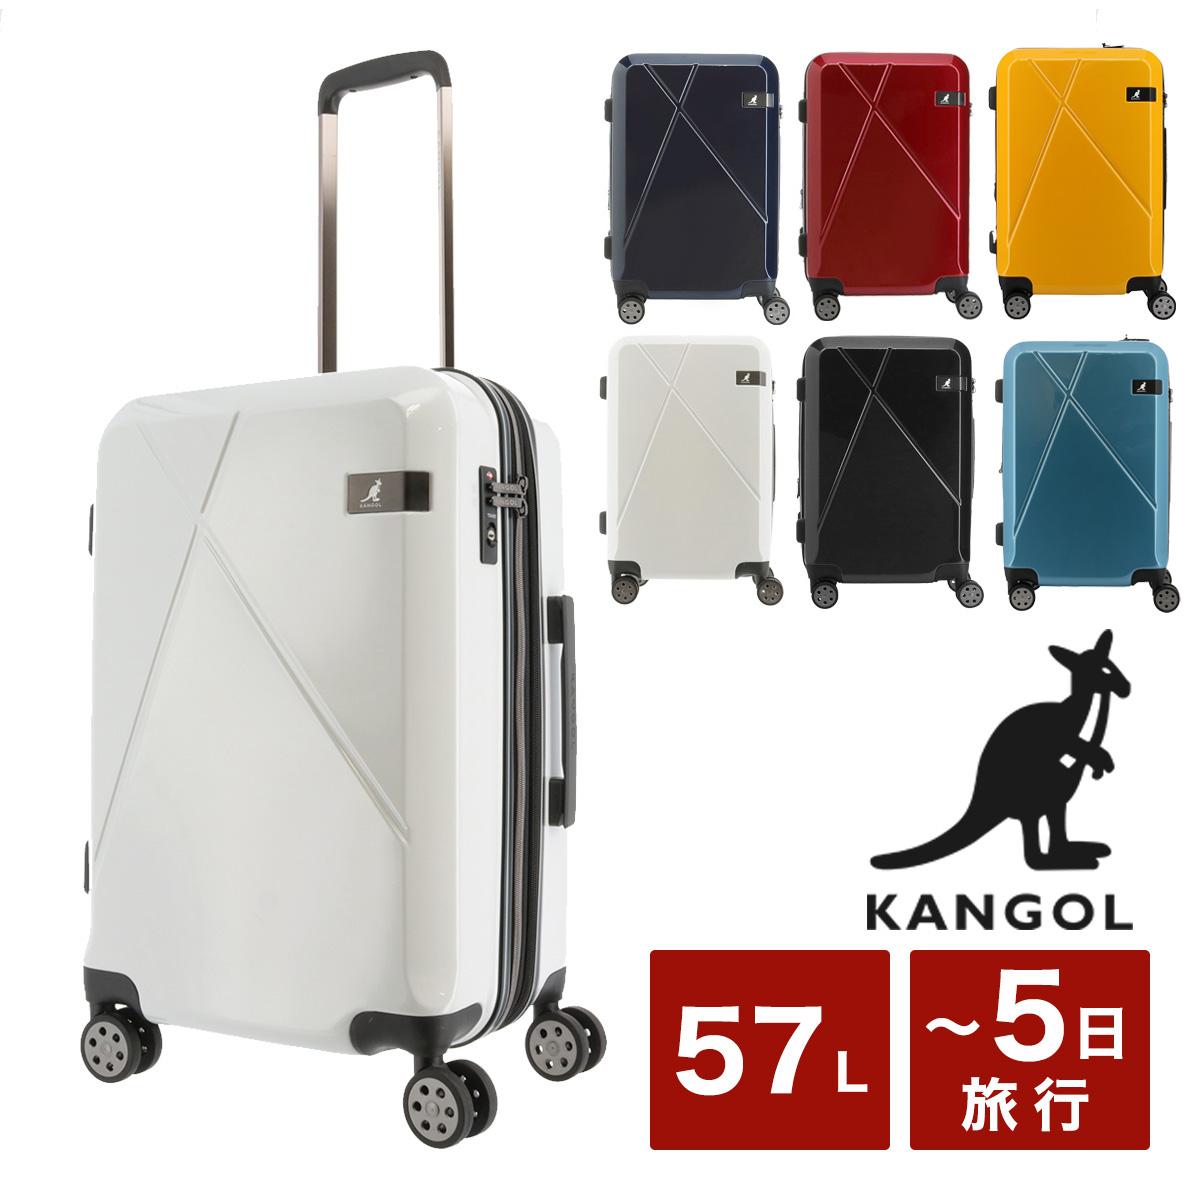 カンゴール スーツケース 56cm ハード 250-5700 KANGOL キャリーケース TSAロック搭載 拡張 メンズ レディース 男女兼用【即日発送】